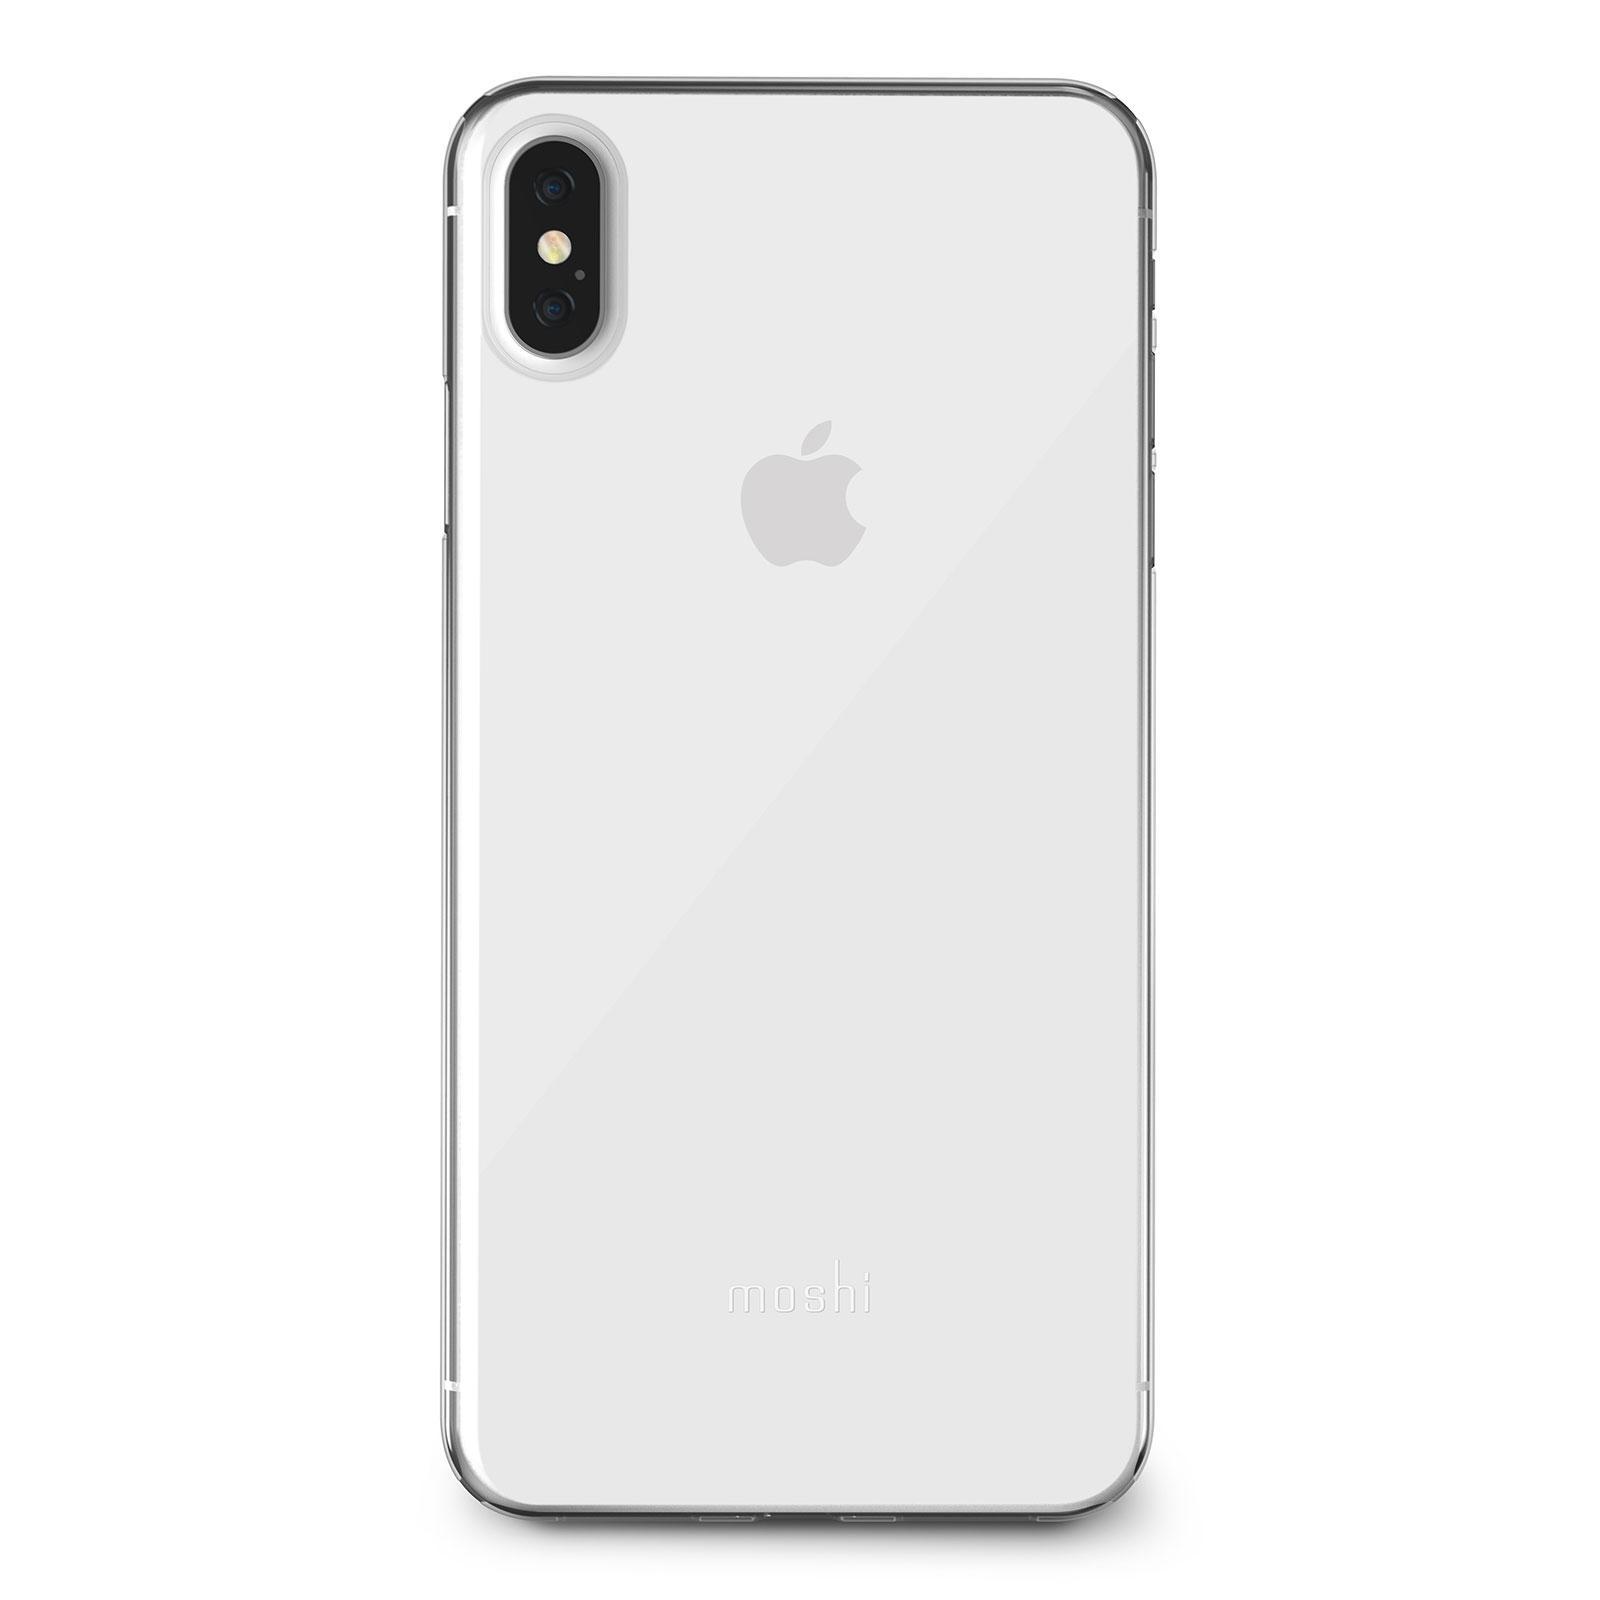 Лучшие модели смартфонов с мощной батареей и хорошей камерой